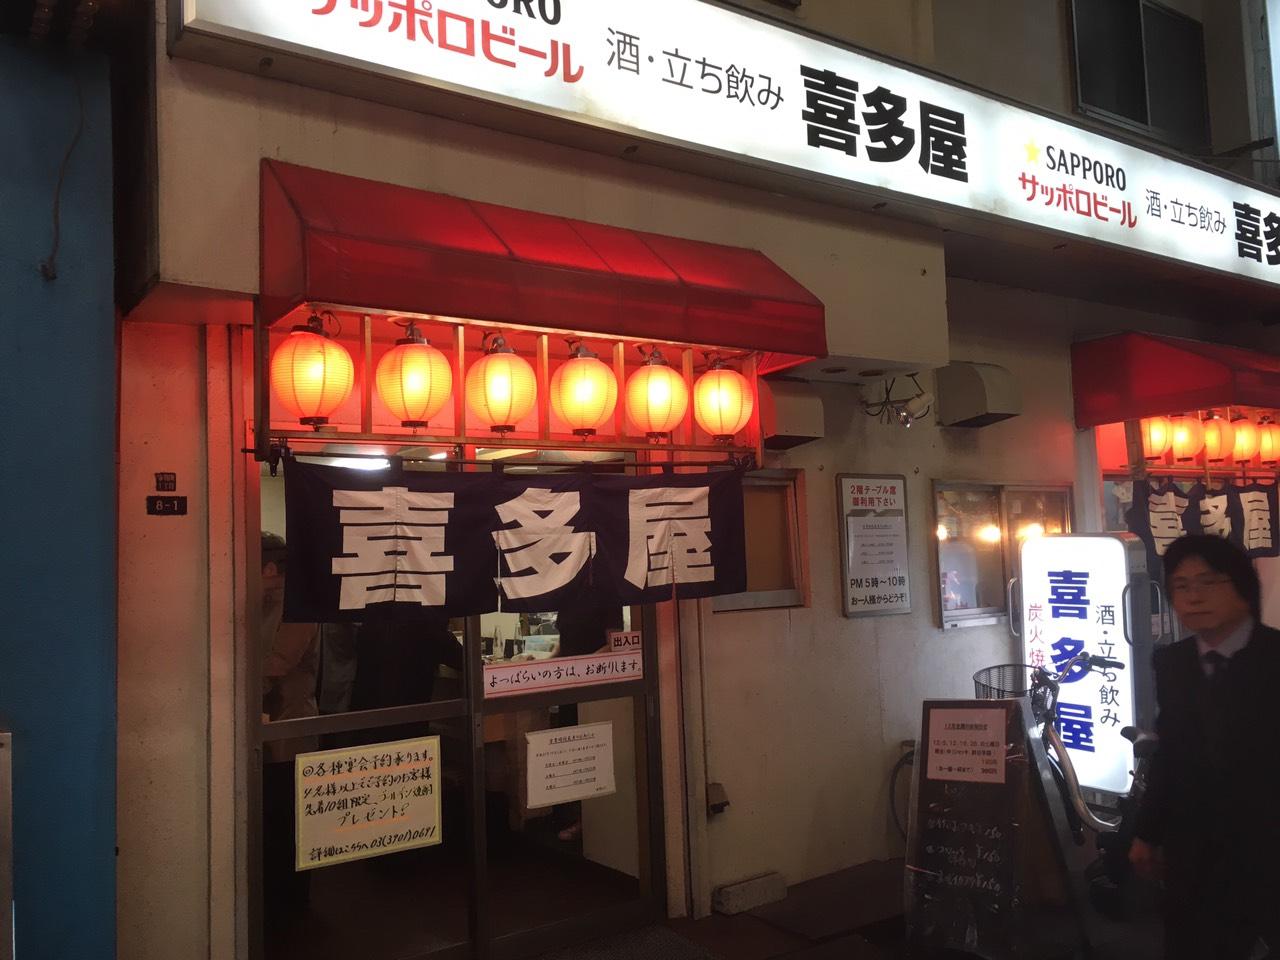 喜多屋(赤羽) 120円の焼鳥に萌え!